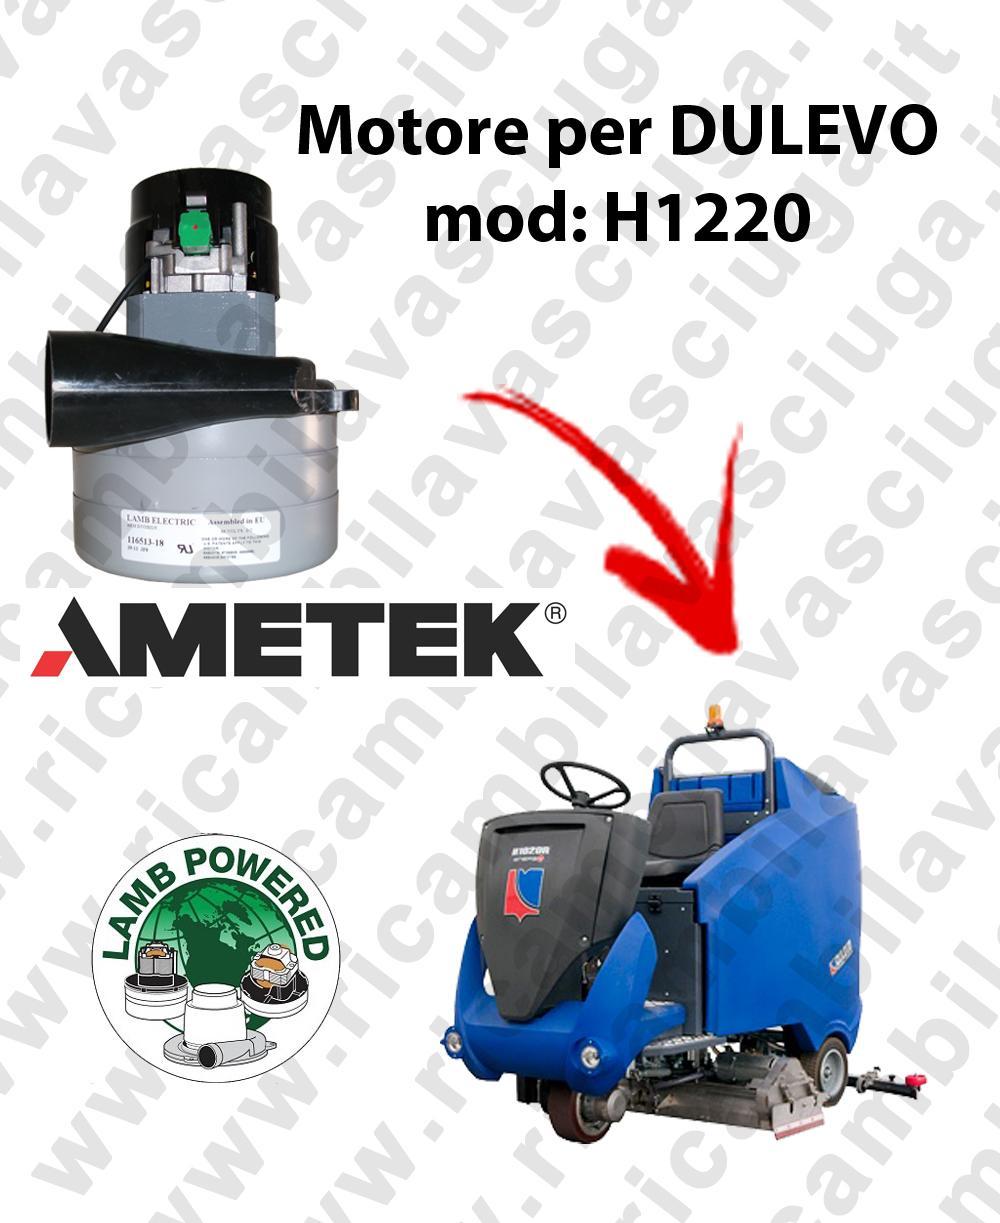 H1220 MOTORE LAMB AMETEK di aspirazione per lavapavimenti DULEVO